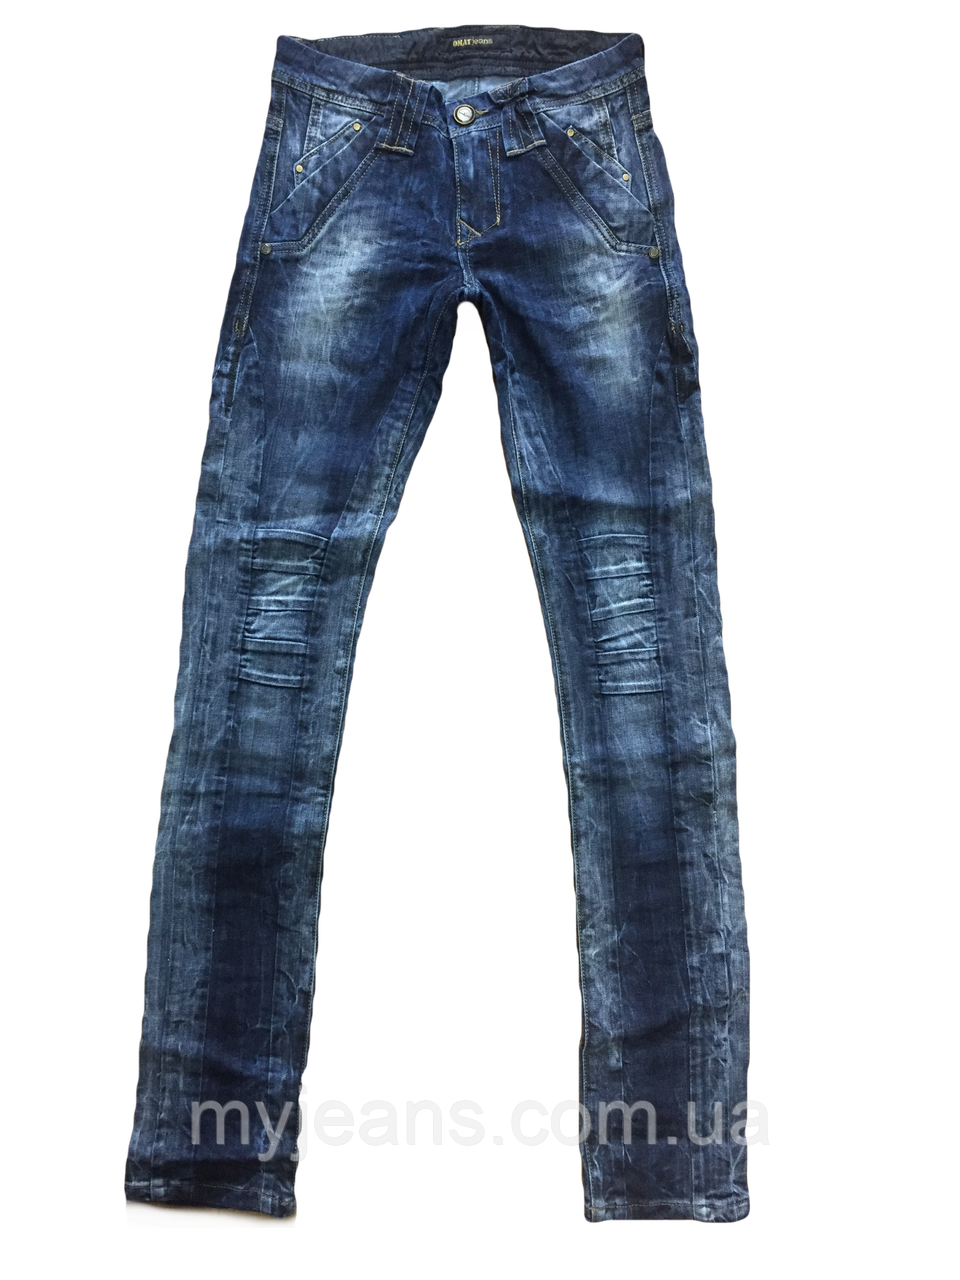 7cccbe351d5 Купить женские джинсы синий Омат 9570 с бесплатной доставкой по ...